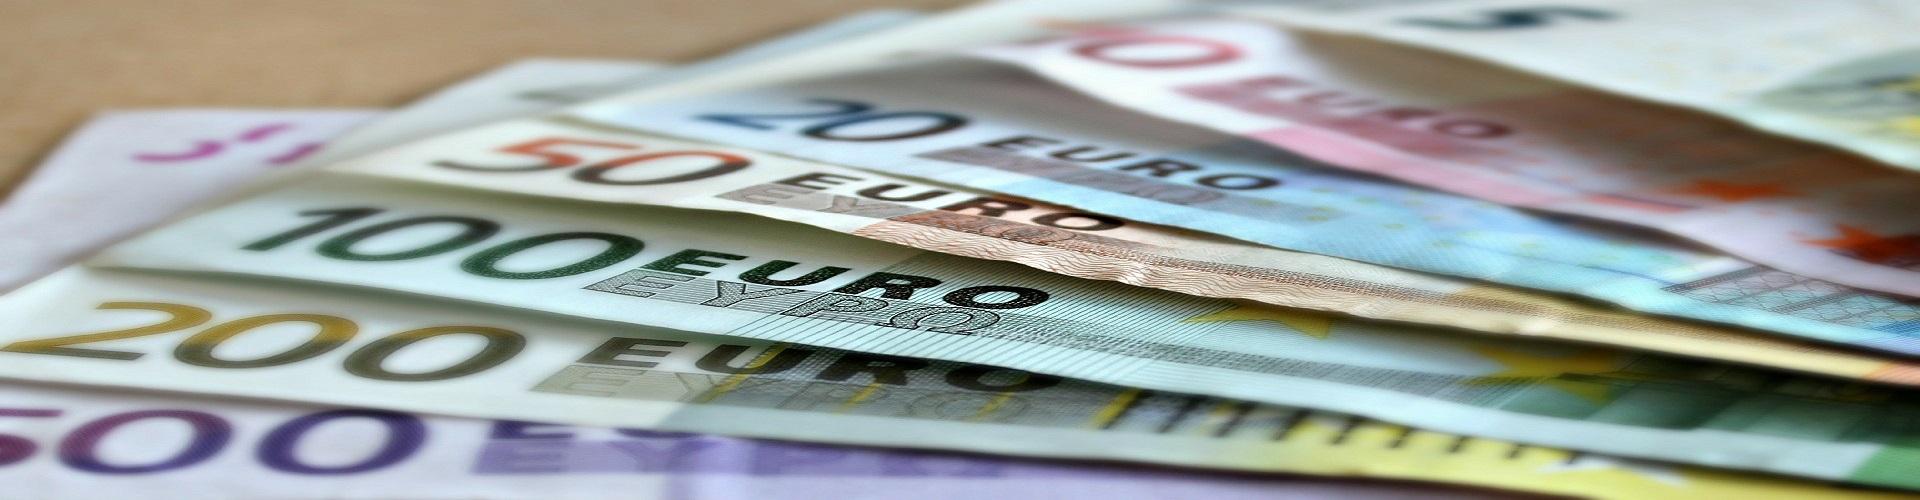 Haushaltsentwurf sieht Erhöhung der Grundsteuer B vor